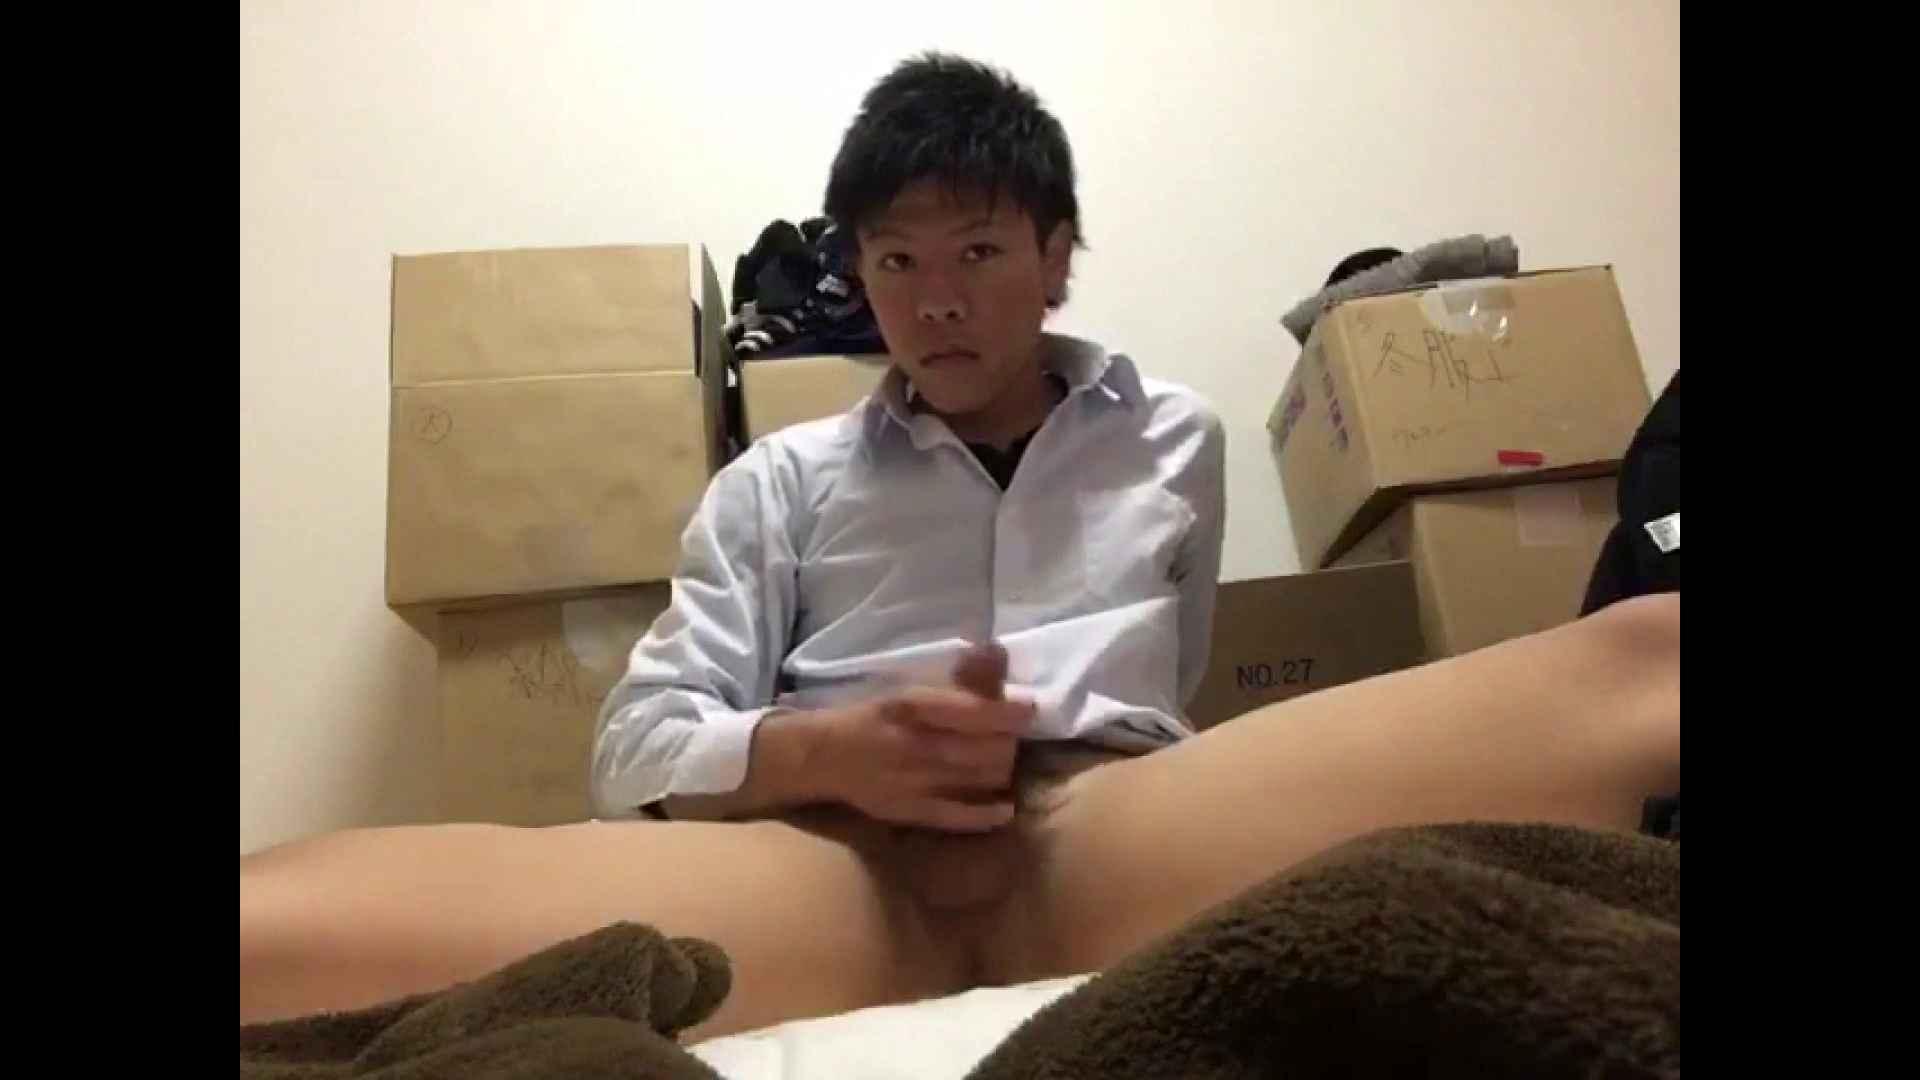 個人撮影 自慰の極意 Vol.1 オナニー専門男子 尻マンコ画像 75画像 34